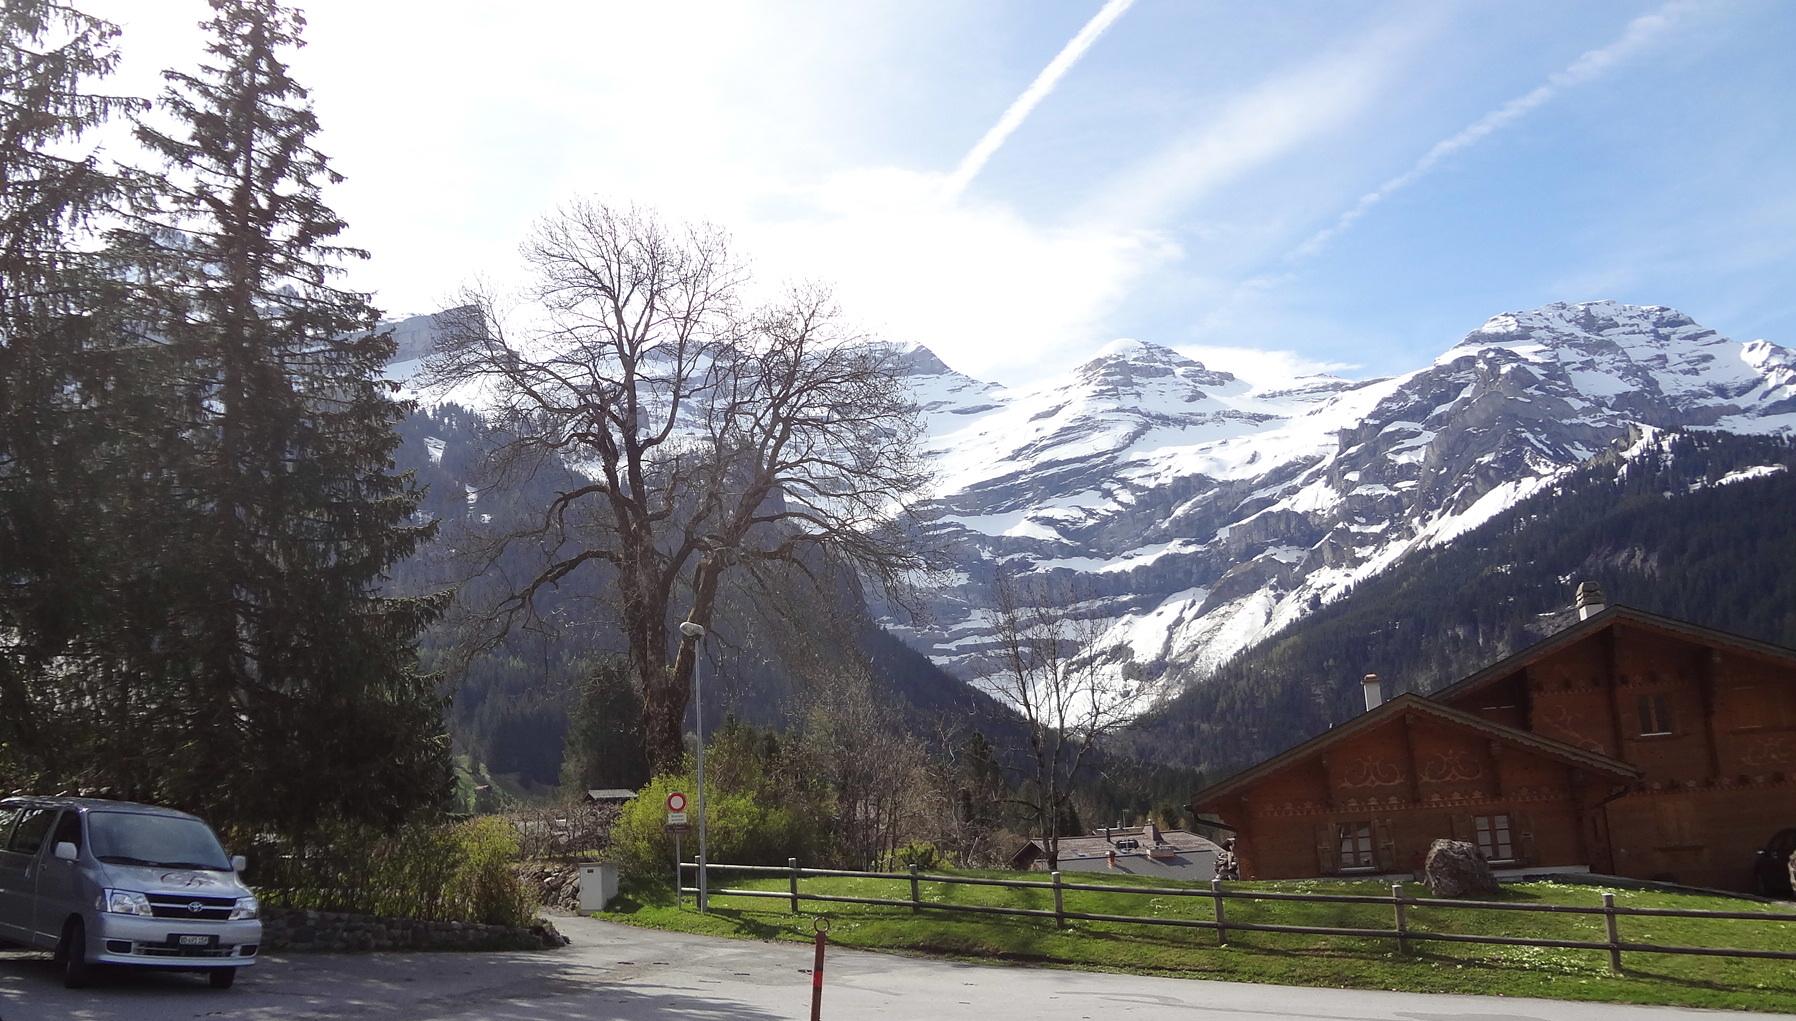 Les Diablerets Switzerland  City new picture : Les Diablerets, Switzerland | weepingredorger